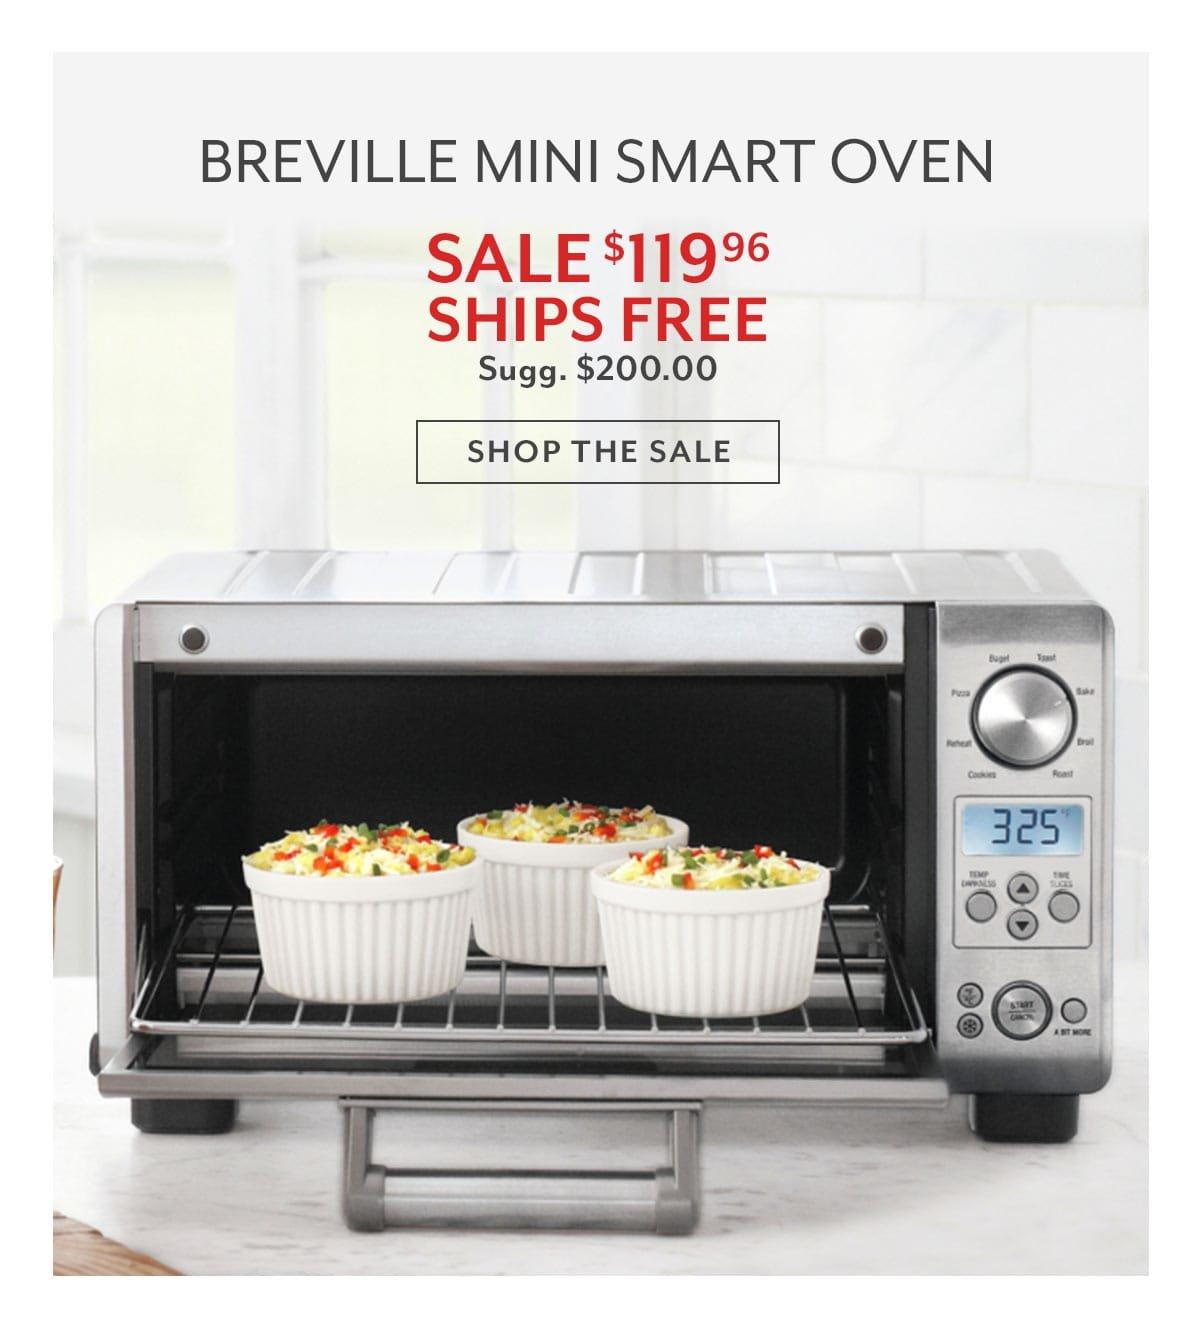 Breville Oven Mini